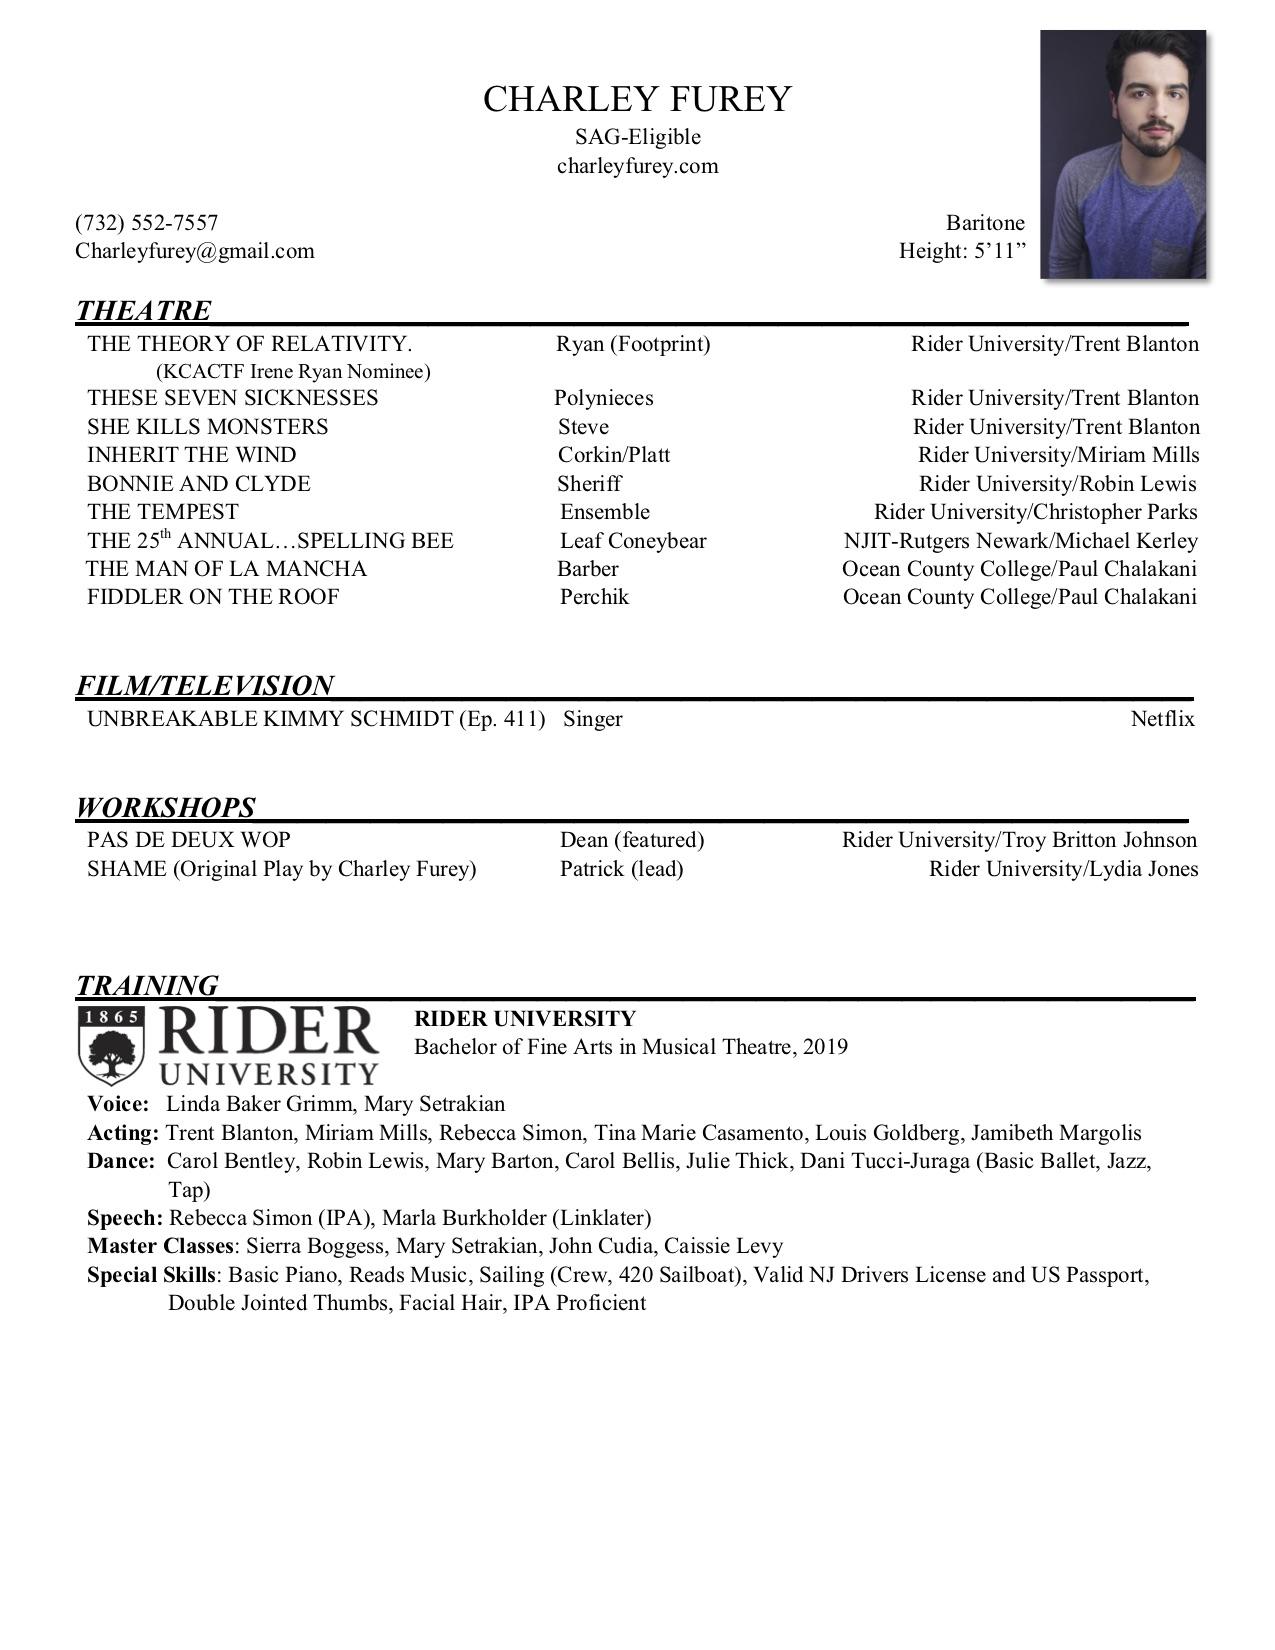 Photo Charley Furey Rider Resume w:Headshot.jpg